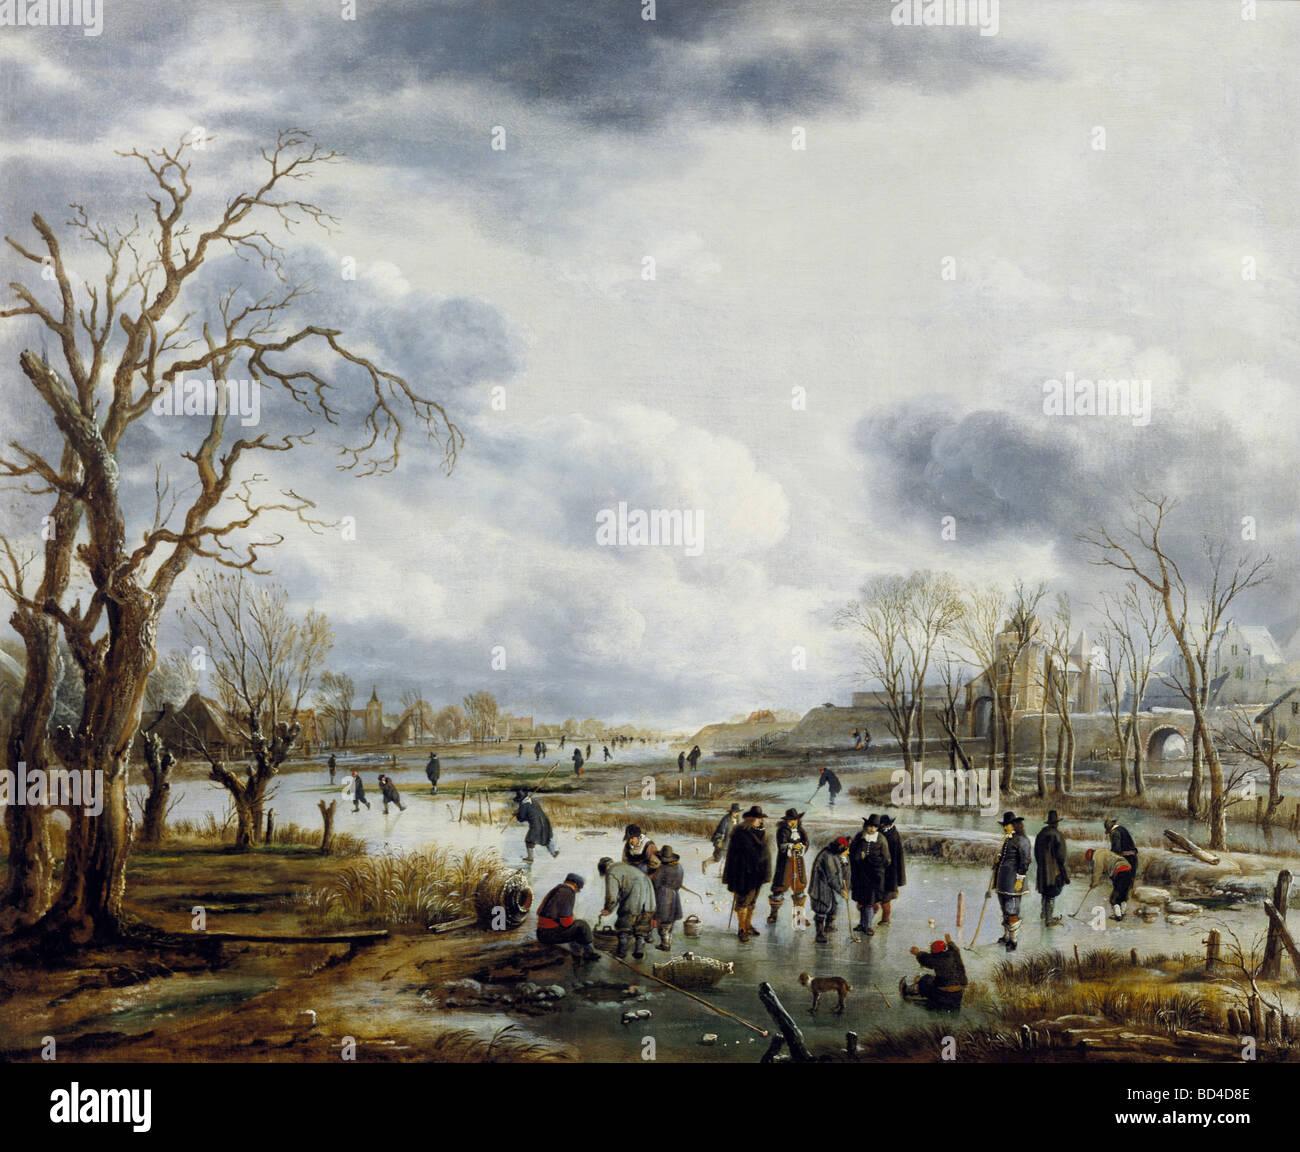 Bellas artes, Neer, arte van der (1603 - 1677), pintura, 'Ijsvermaak buiten de Stadtswal', Cooectie Museum, Imagen De Stock